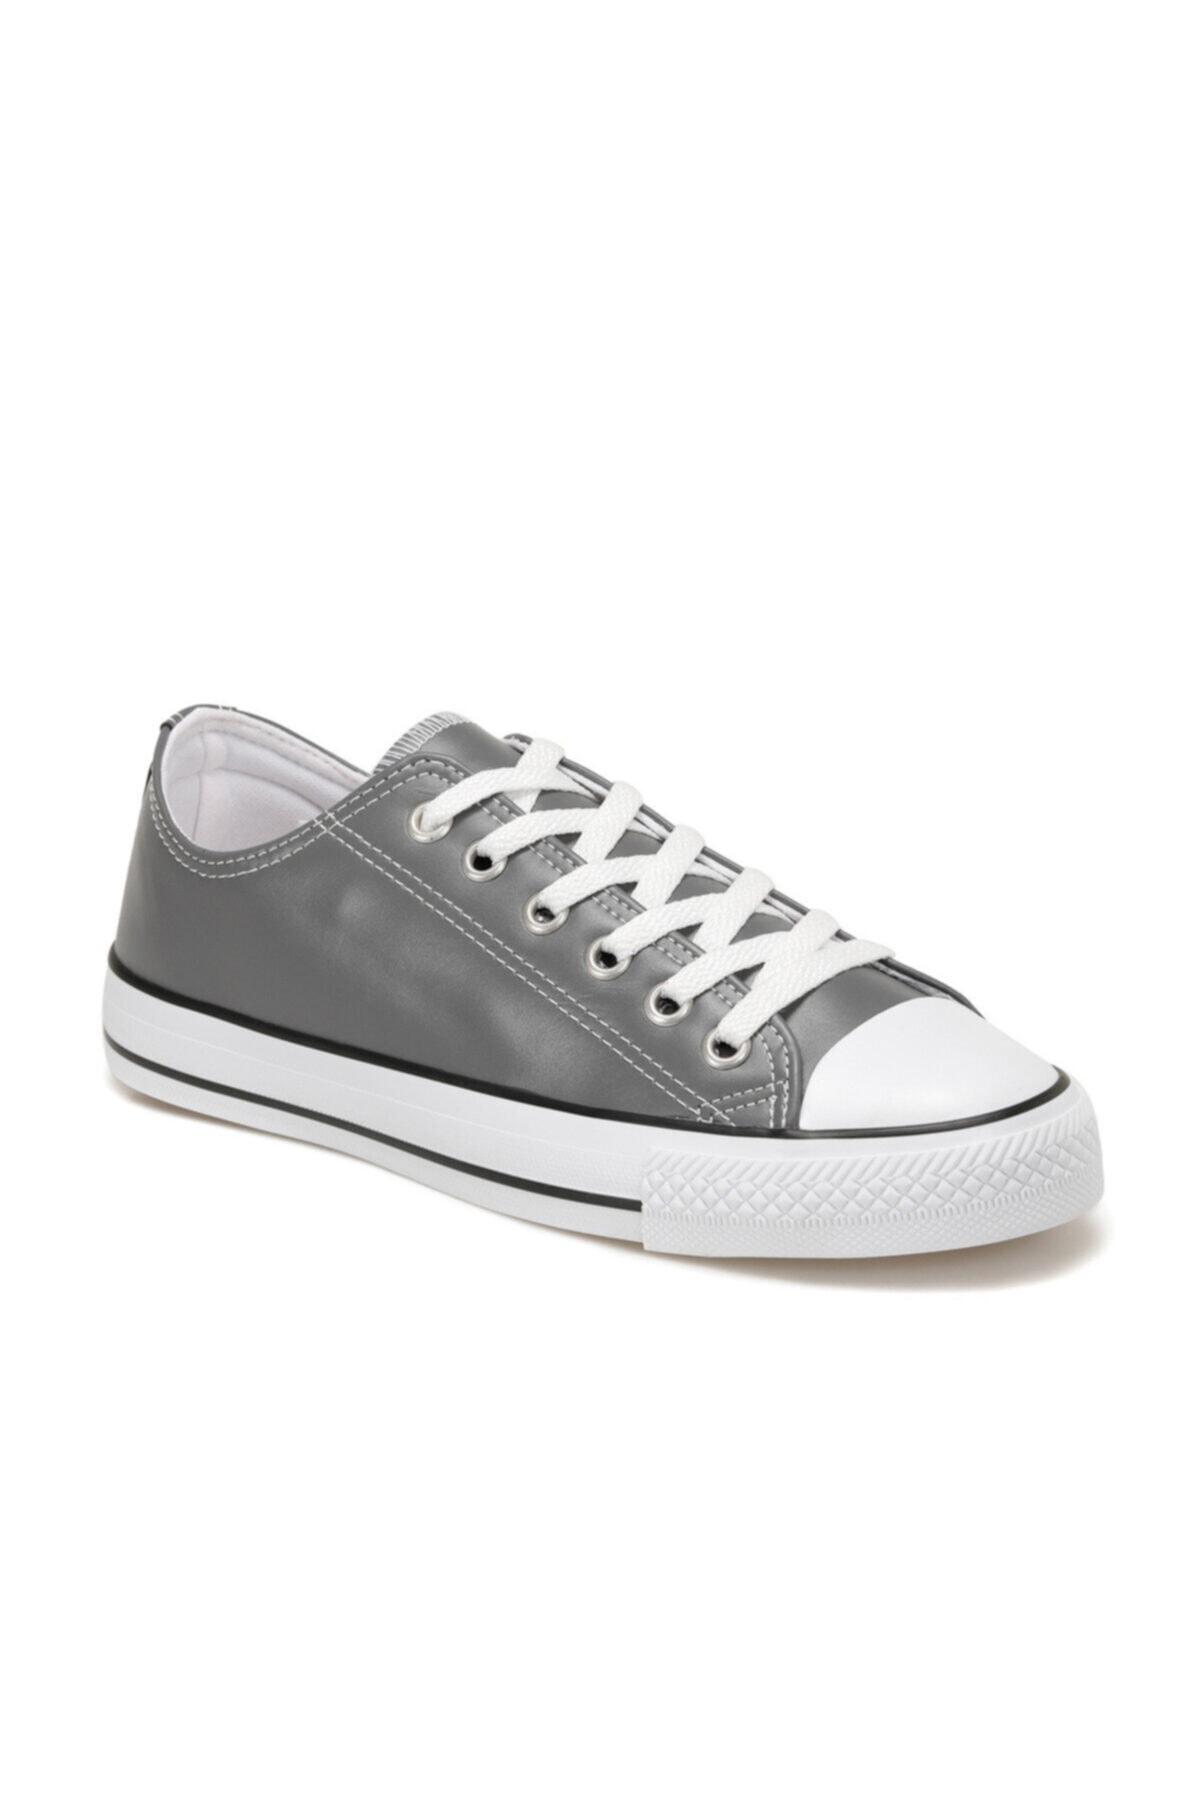 FORESTER EC-2001 Gri Erkek Kalın Tabanlı Sneaker 100669569 1